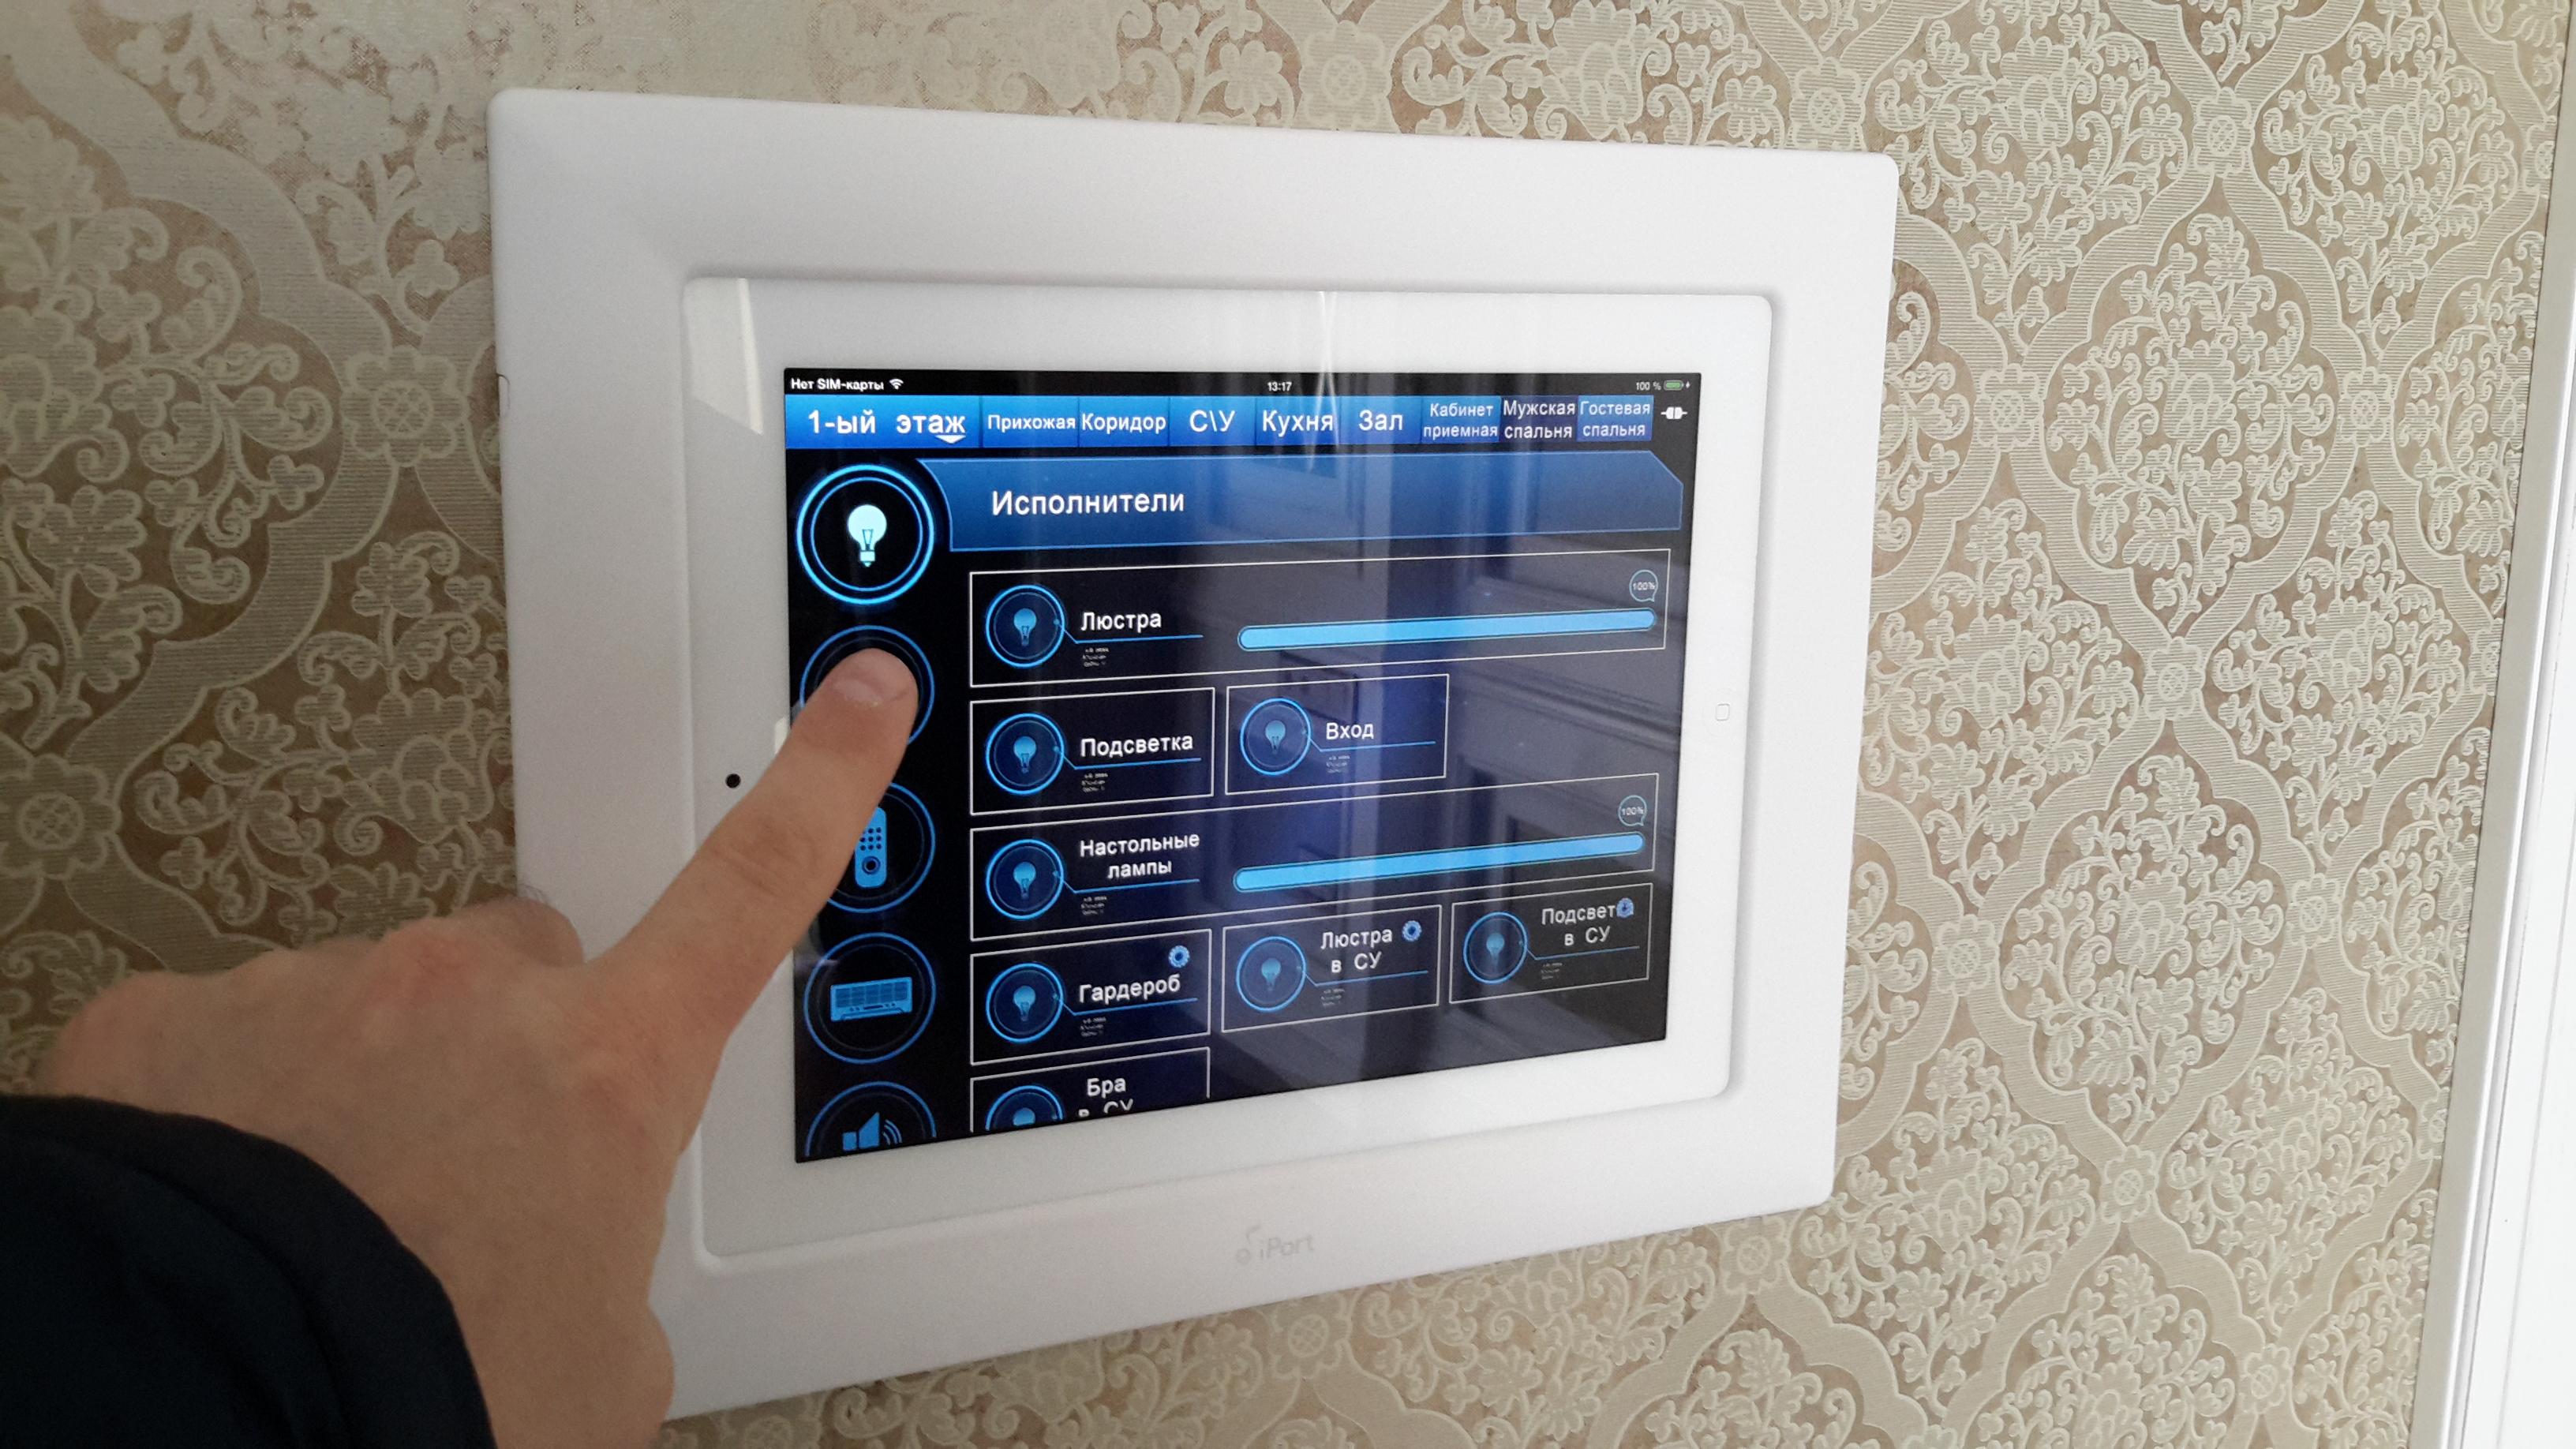 Дисплей для управления системой освещения